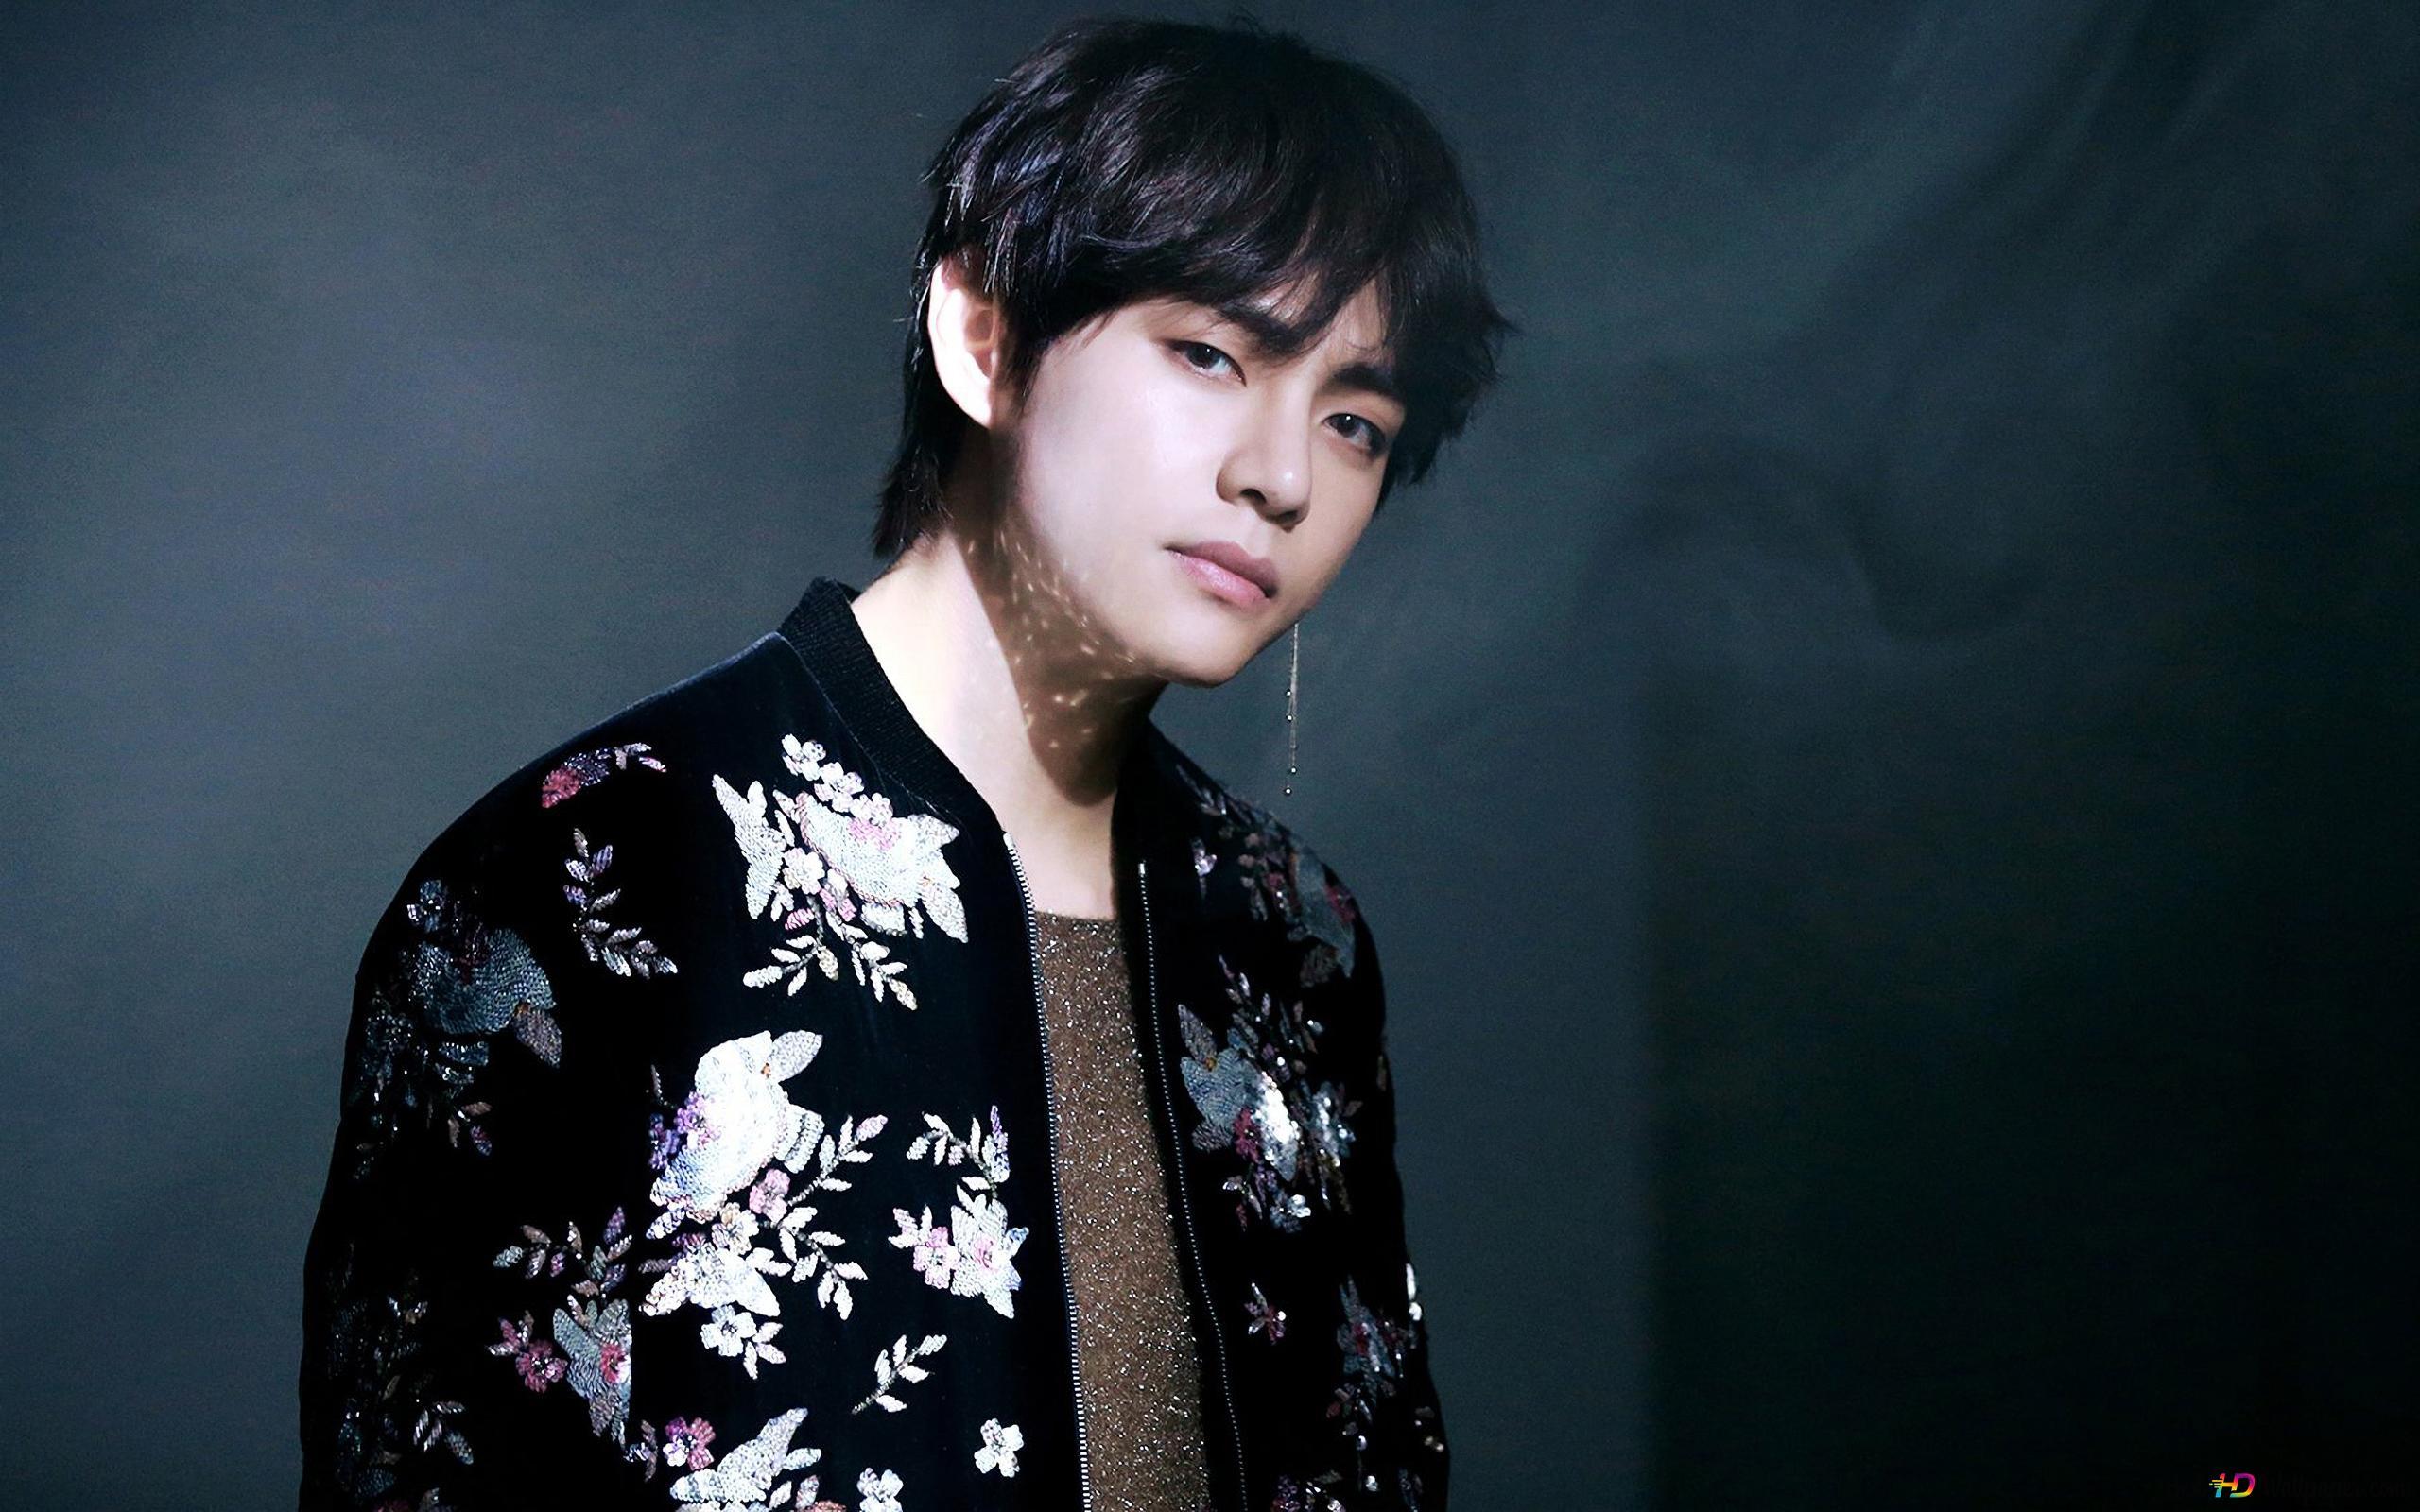 k pop boys band bts idol v kim tae hyung wallpaper 2560x1600 53647 7